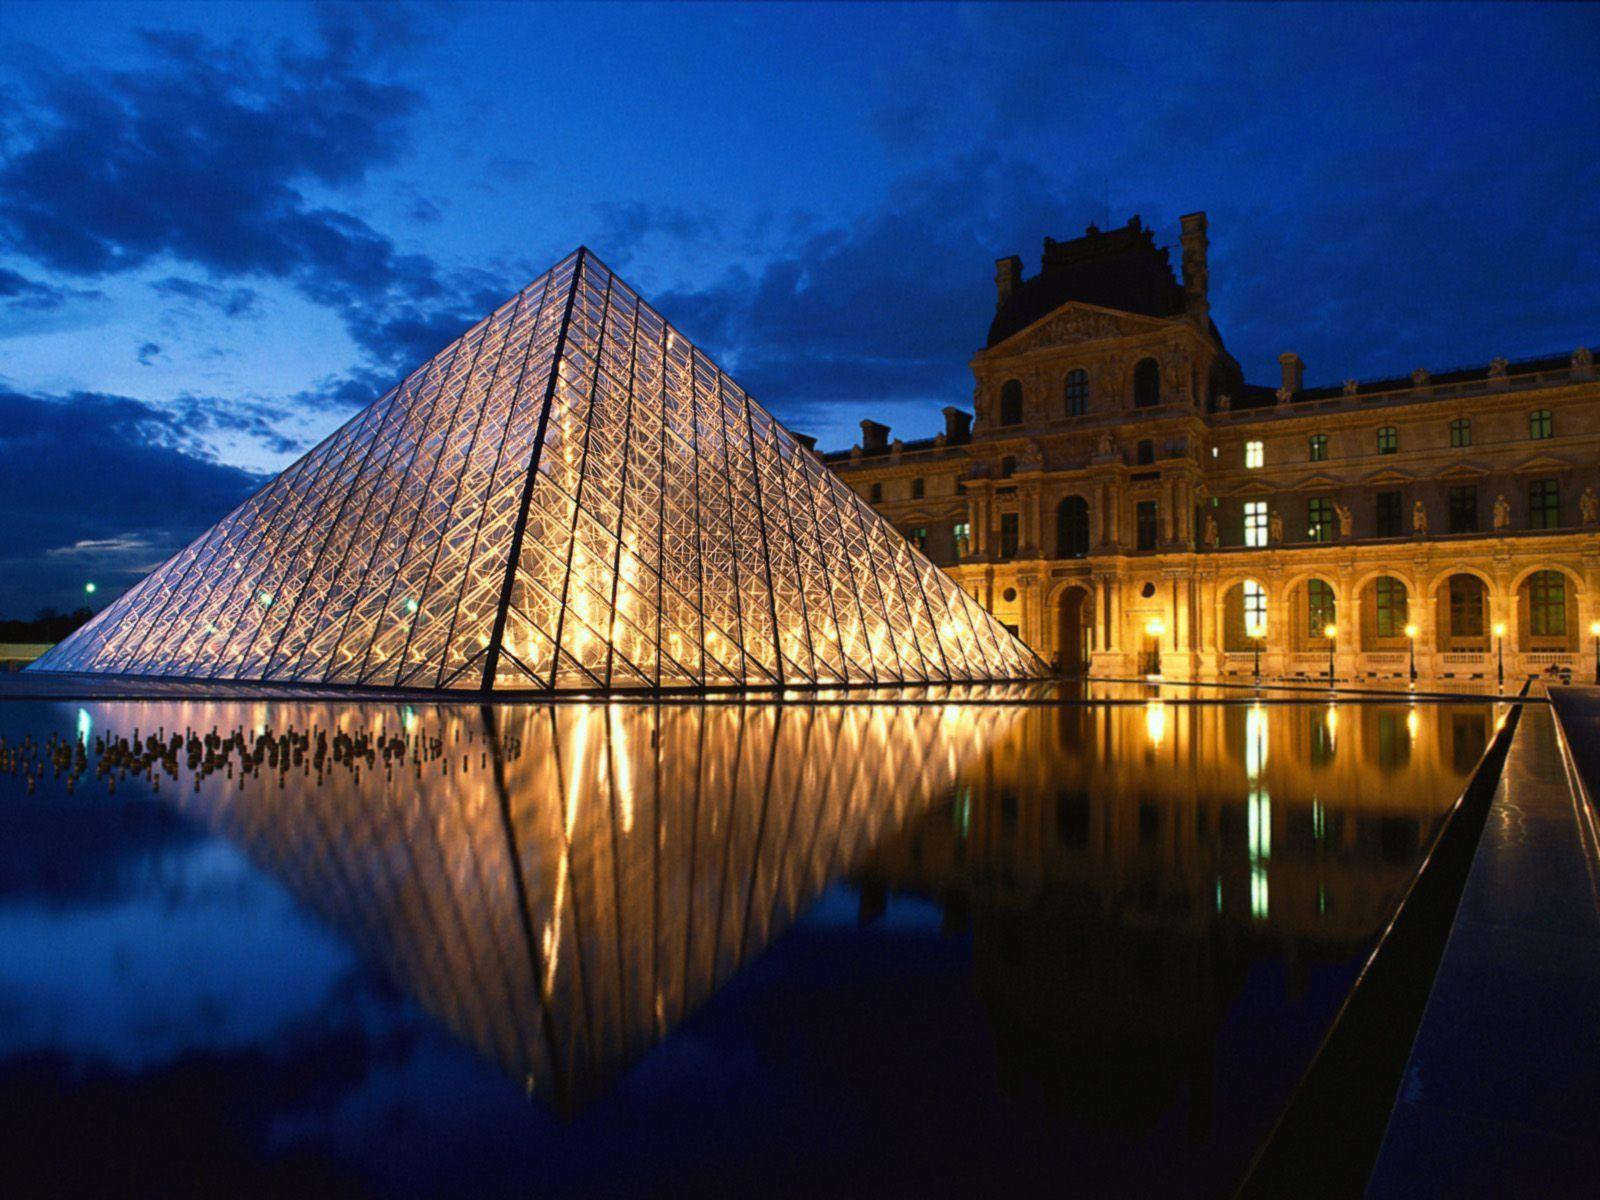 I musei più visitati del mondo: il Louvre in cima alla classifica